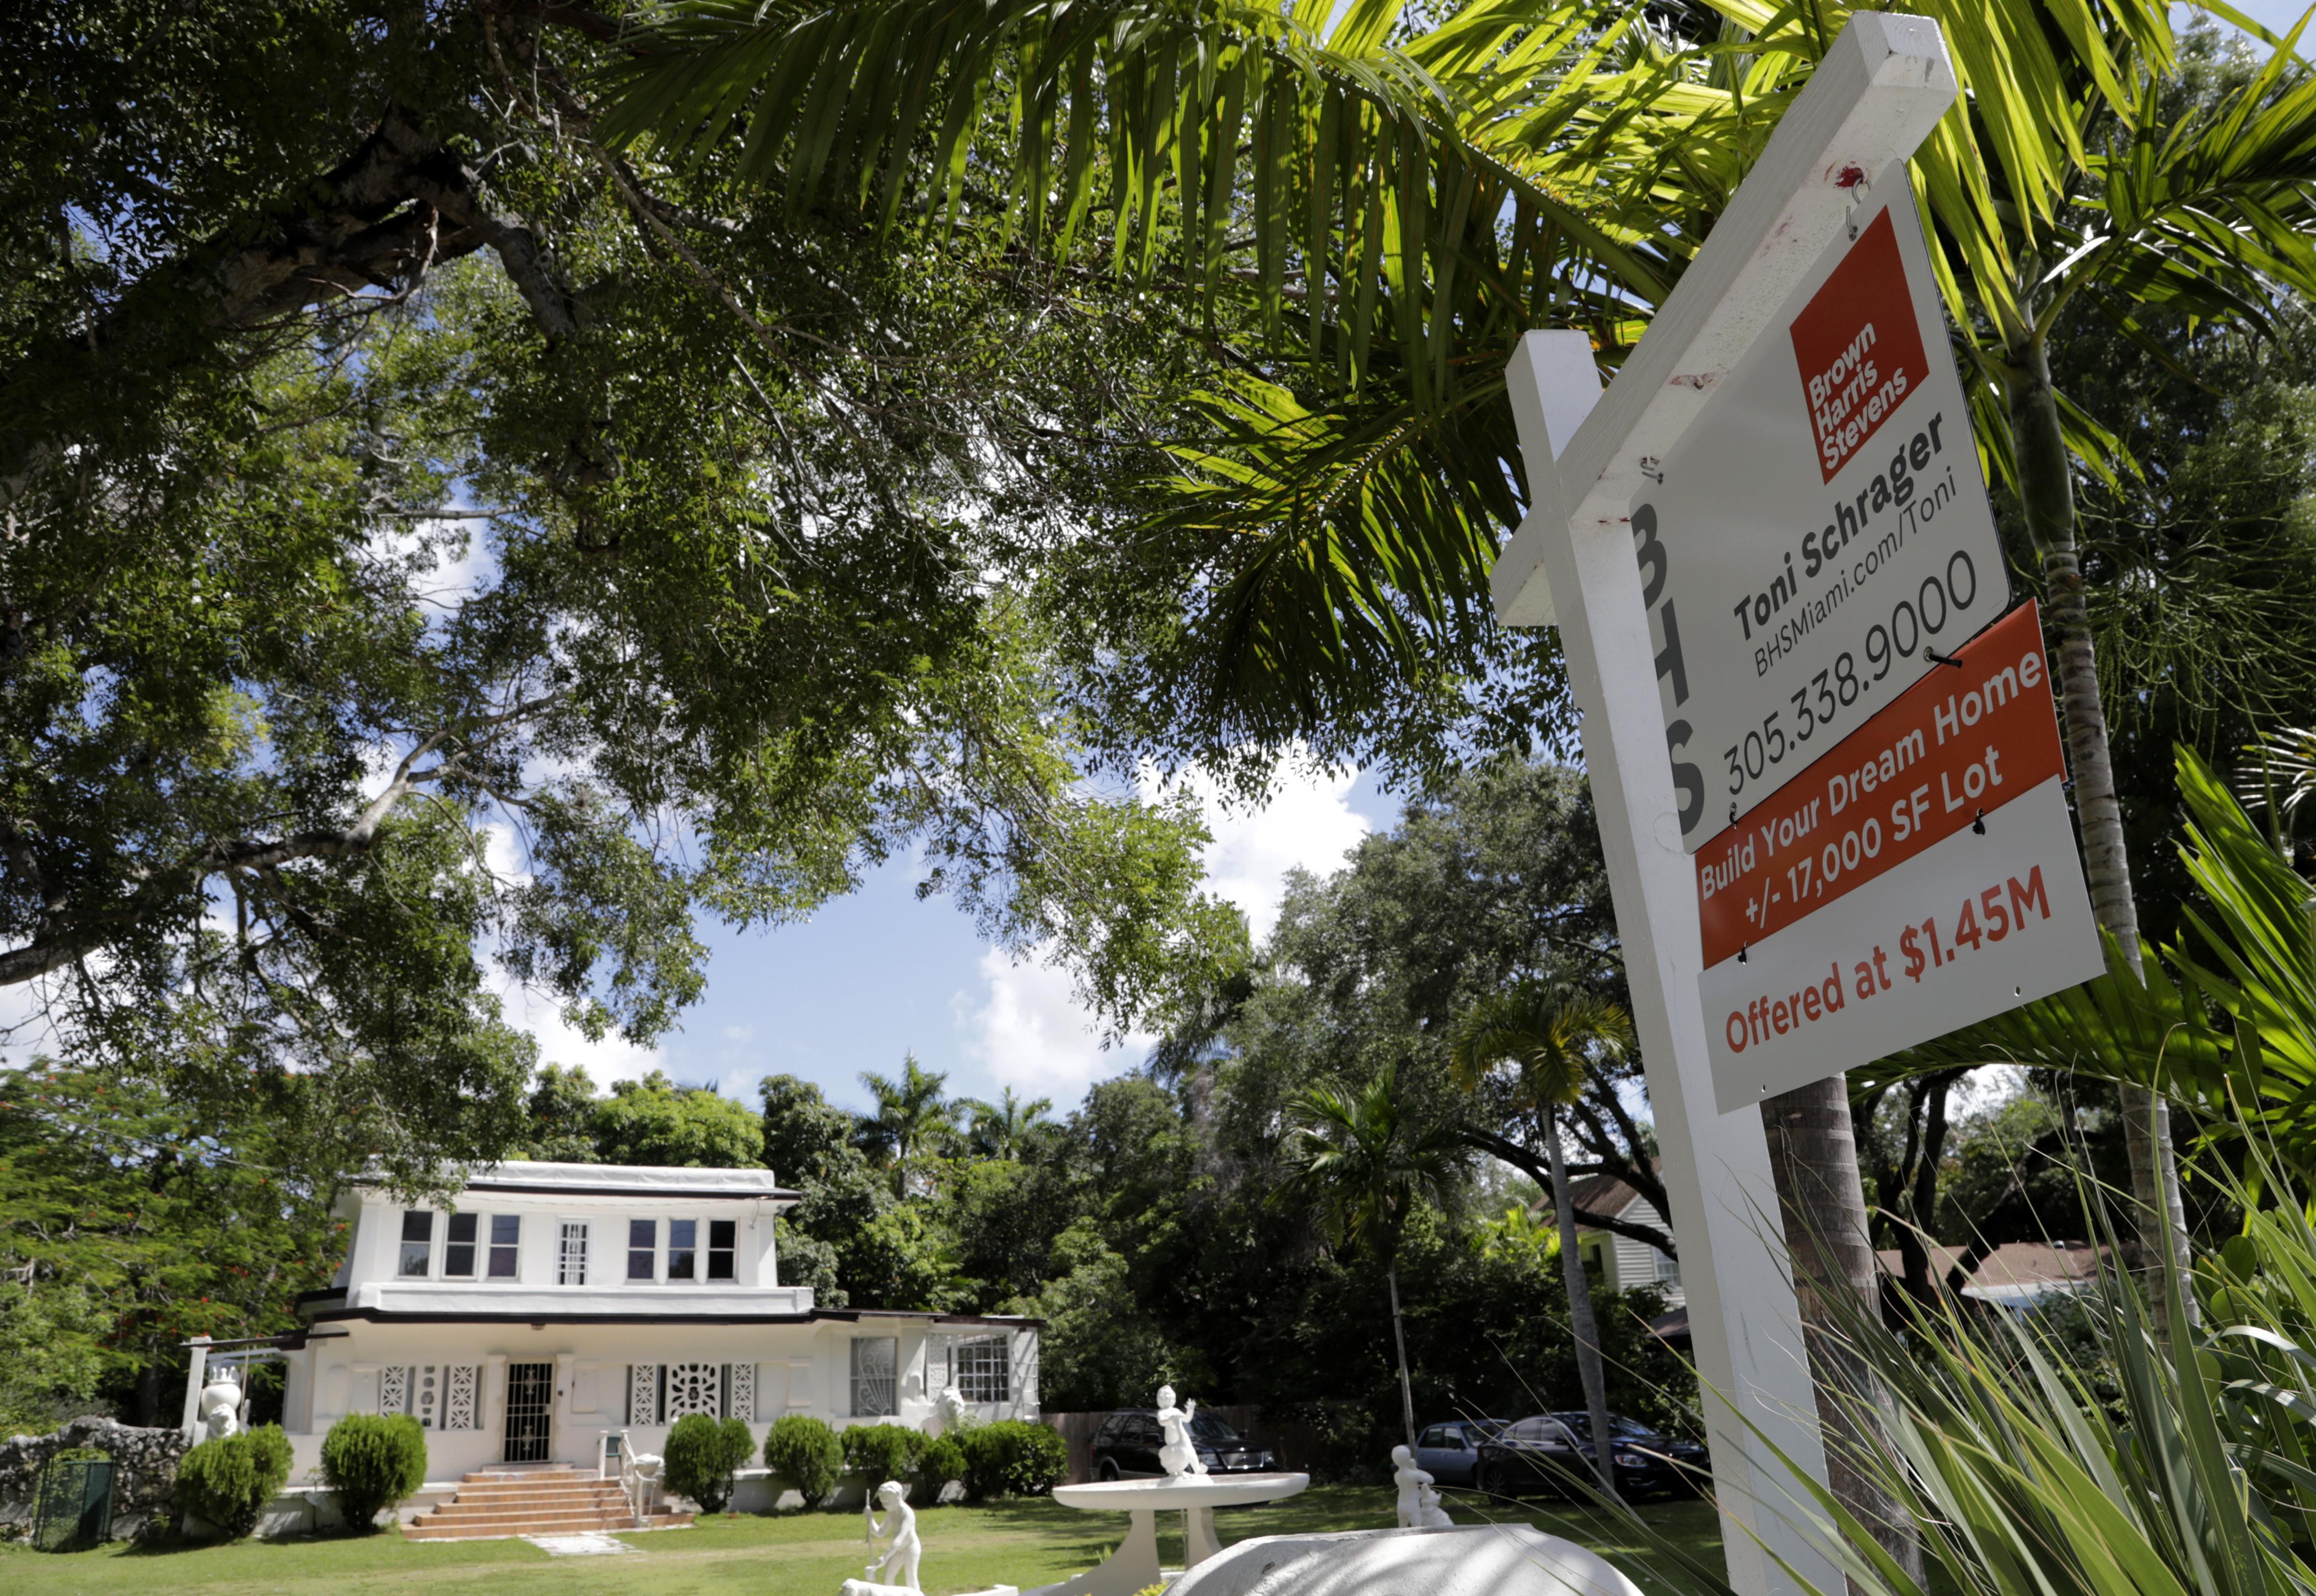 wptv.com - Kathy Fernandez - Florida real estate estimated to be 20% overvalued